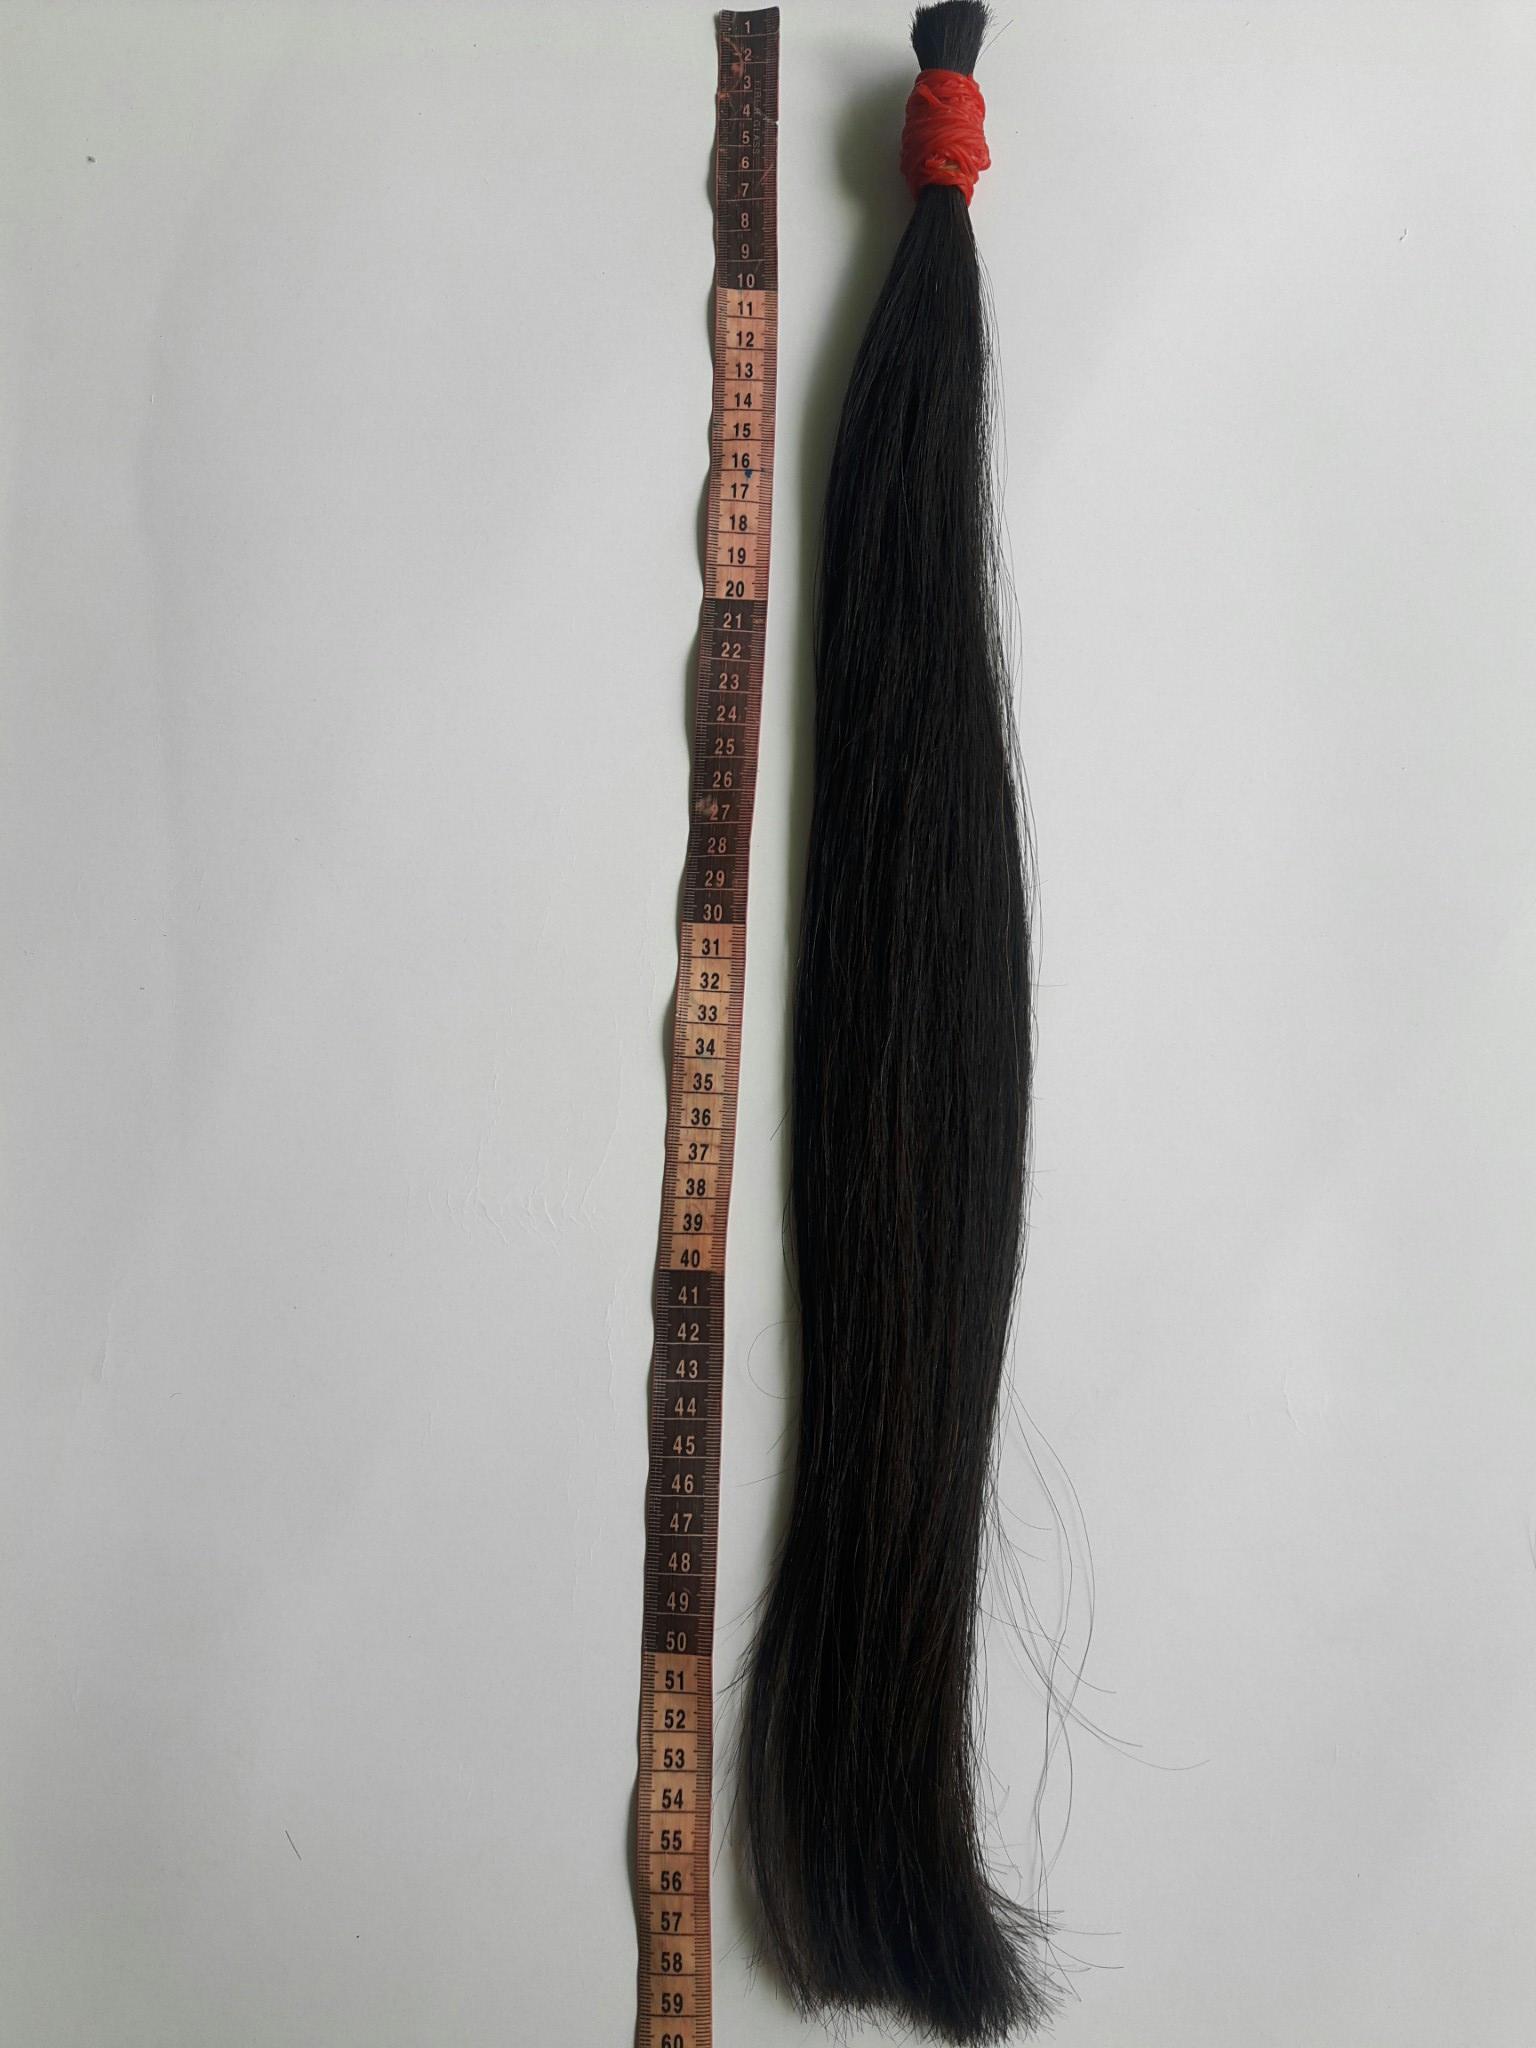 tóc nối thật 100% các loại 50cm, 60cm, 70cm, 80cm